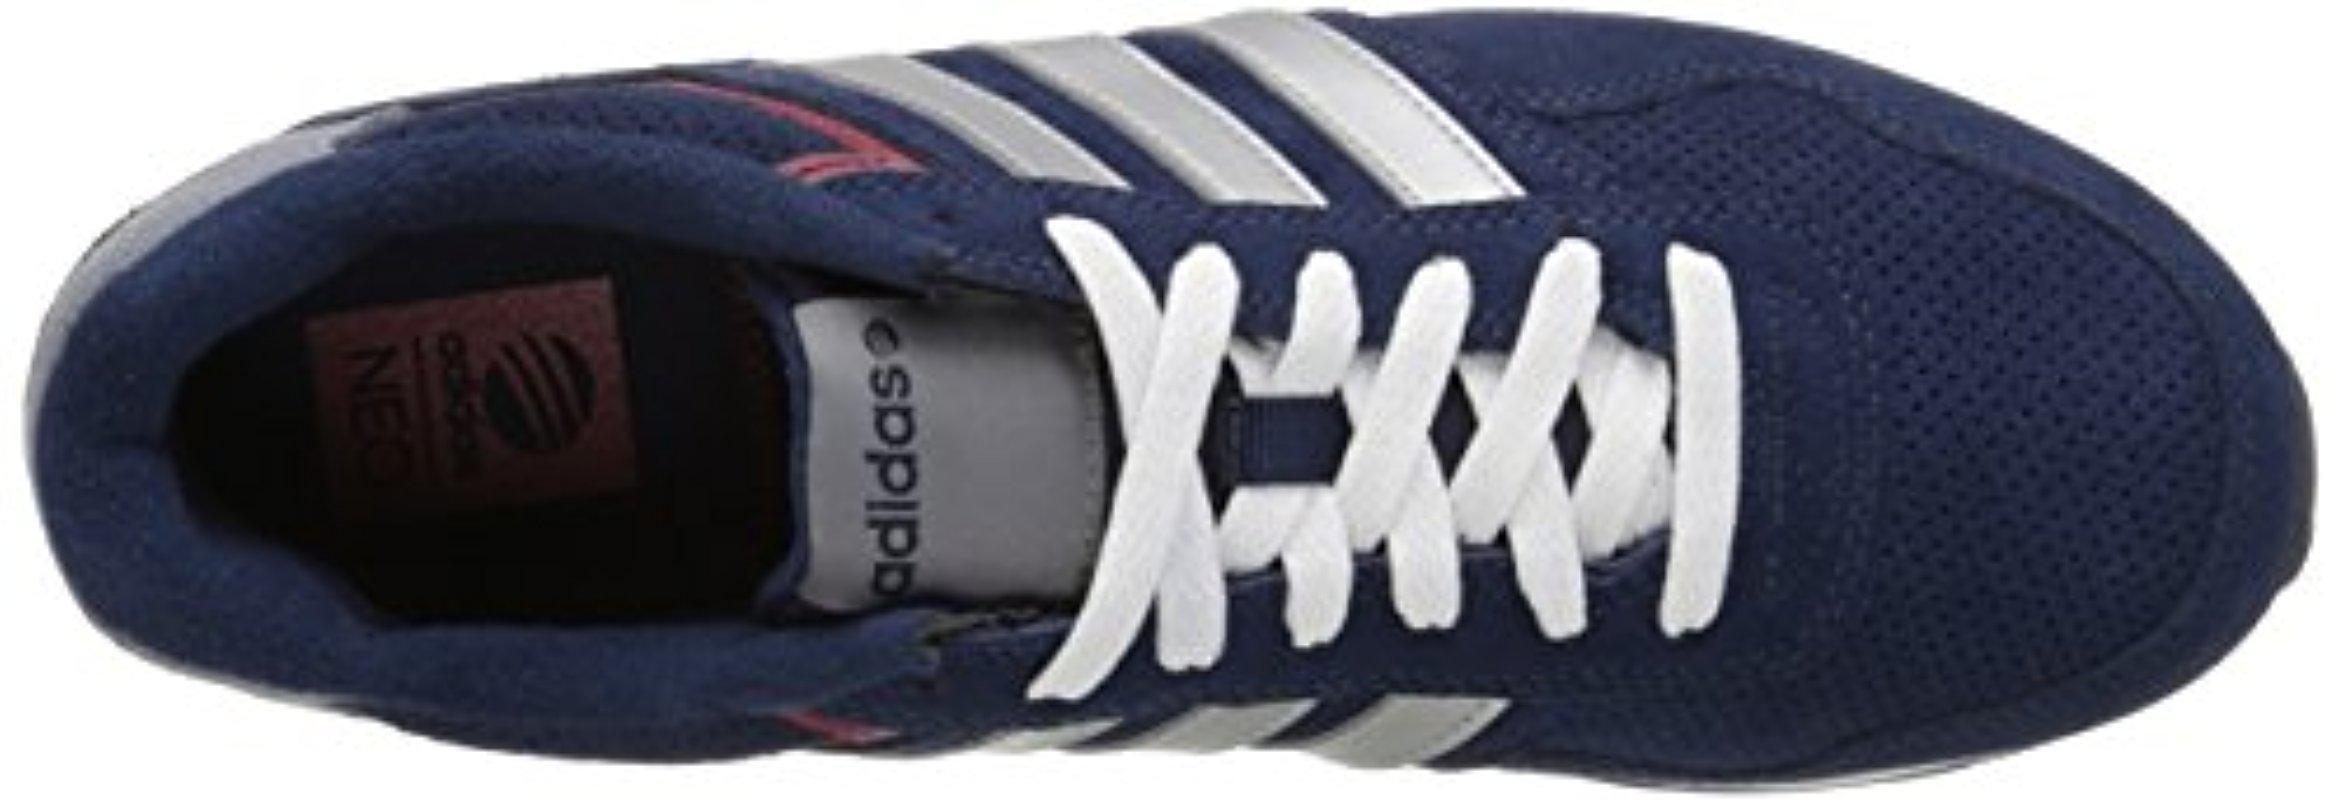 lyst adidas 10km stile di vita runner scarpe da ginnastica in blu per gli uomini